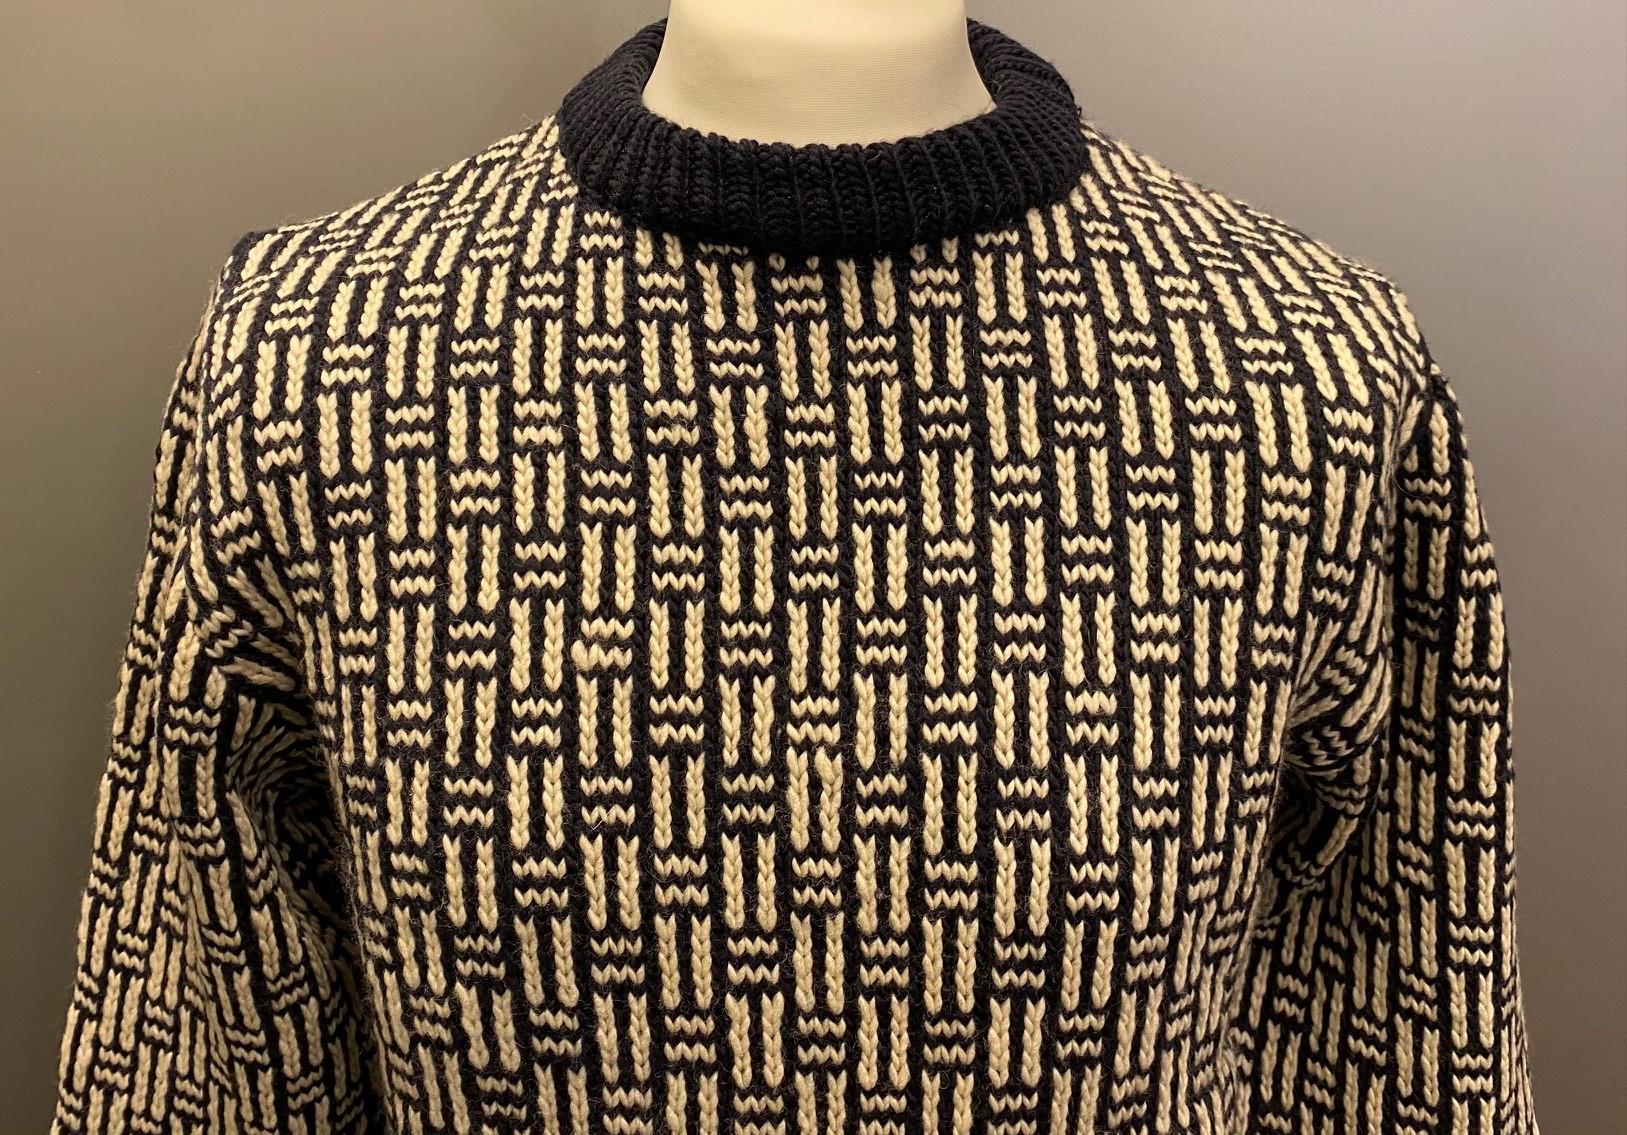 Fuza - Merino uld Pullover - Saga, hipster, ungt, ung, urbant, Fuza - Merino uld Pullover , strik, uld, uldstrik, merino, merinould, fed, tyk, chunky, sweater, islænder, islændertrøje, islændersweater, sara lund, blød, varm, cool, hipster, moderne, blocker, dansk, design, håndstrikket, soft, hele året, overtøj, sejler, lystfisker, i naturen, gave, gaveide, yndlings, pullover, ulden, hjemmestrikket, til piger, til mænd, herre, herrer, herrestrik, damestrik, biti, ribe, fuza, vadehavet, får, marsken, nationalpark,